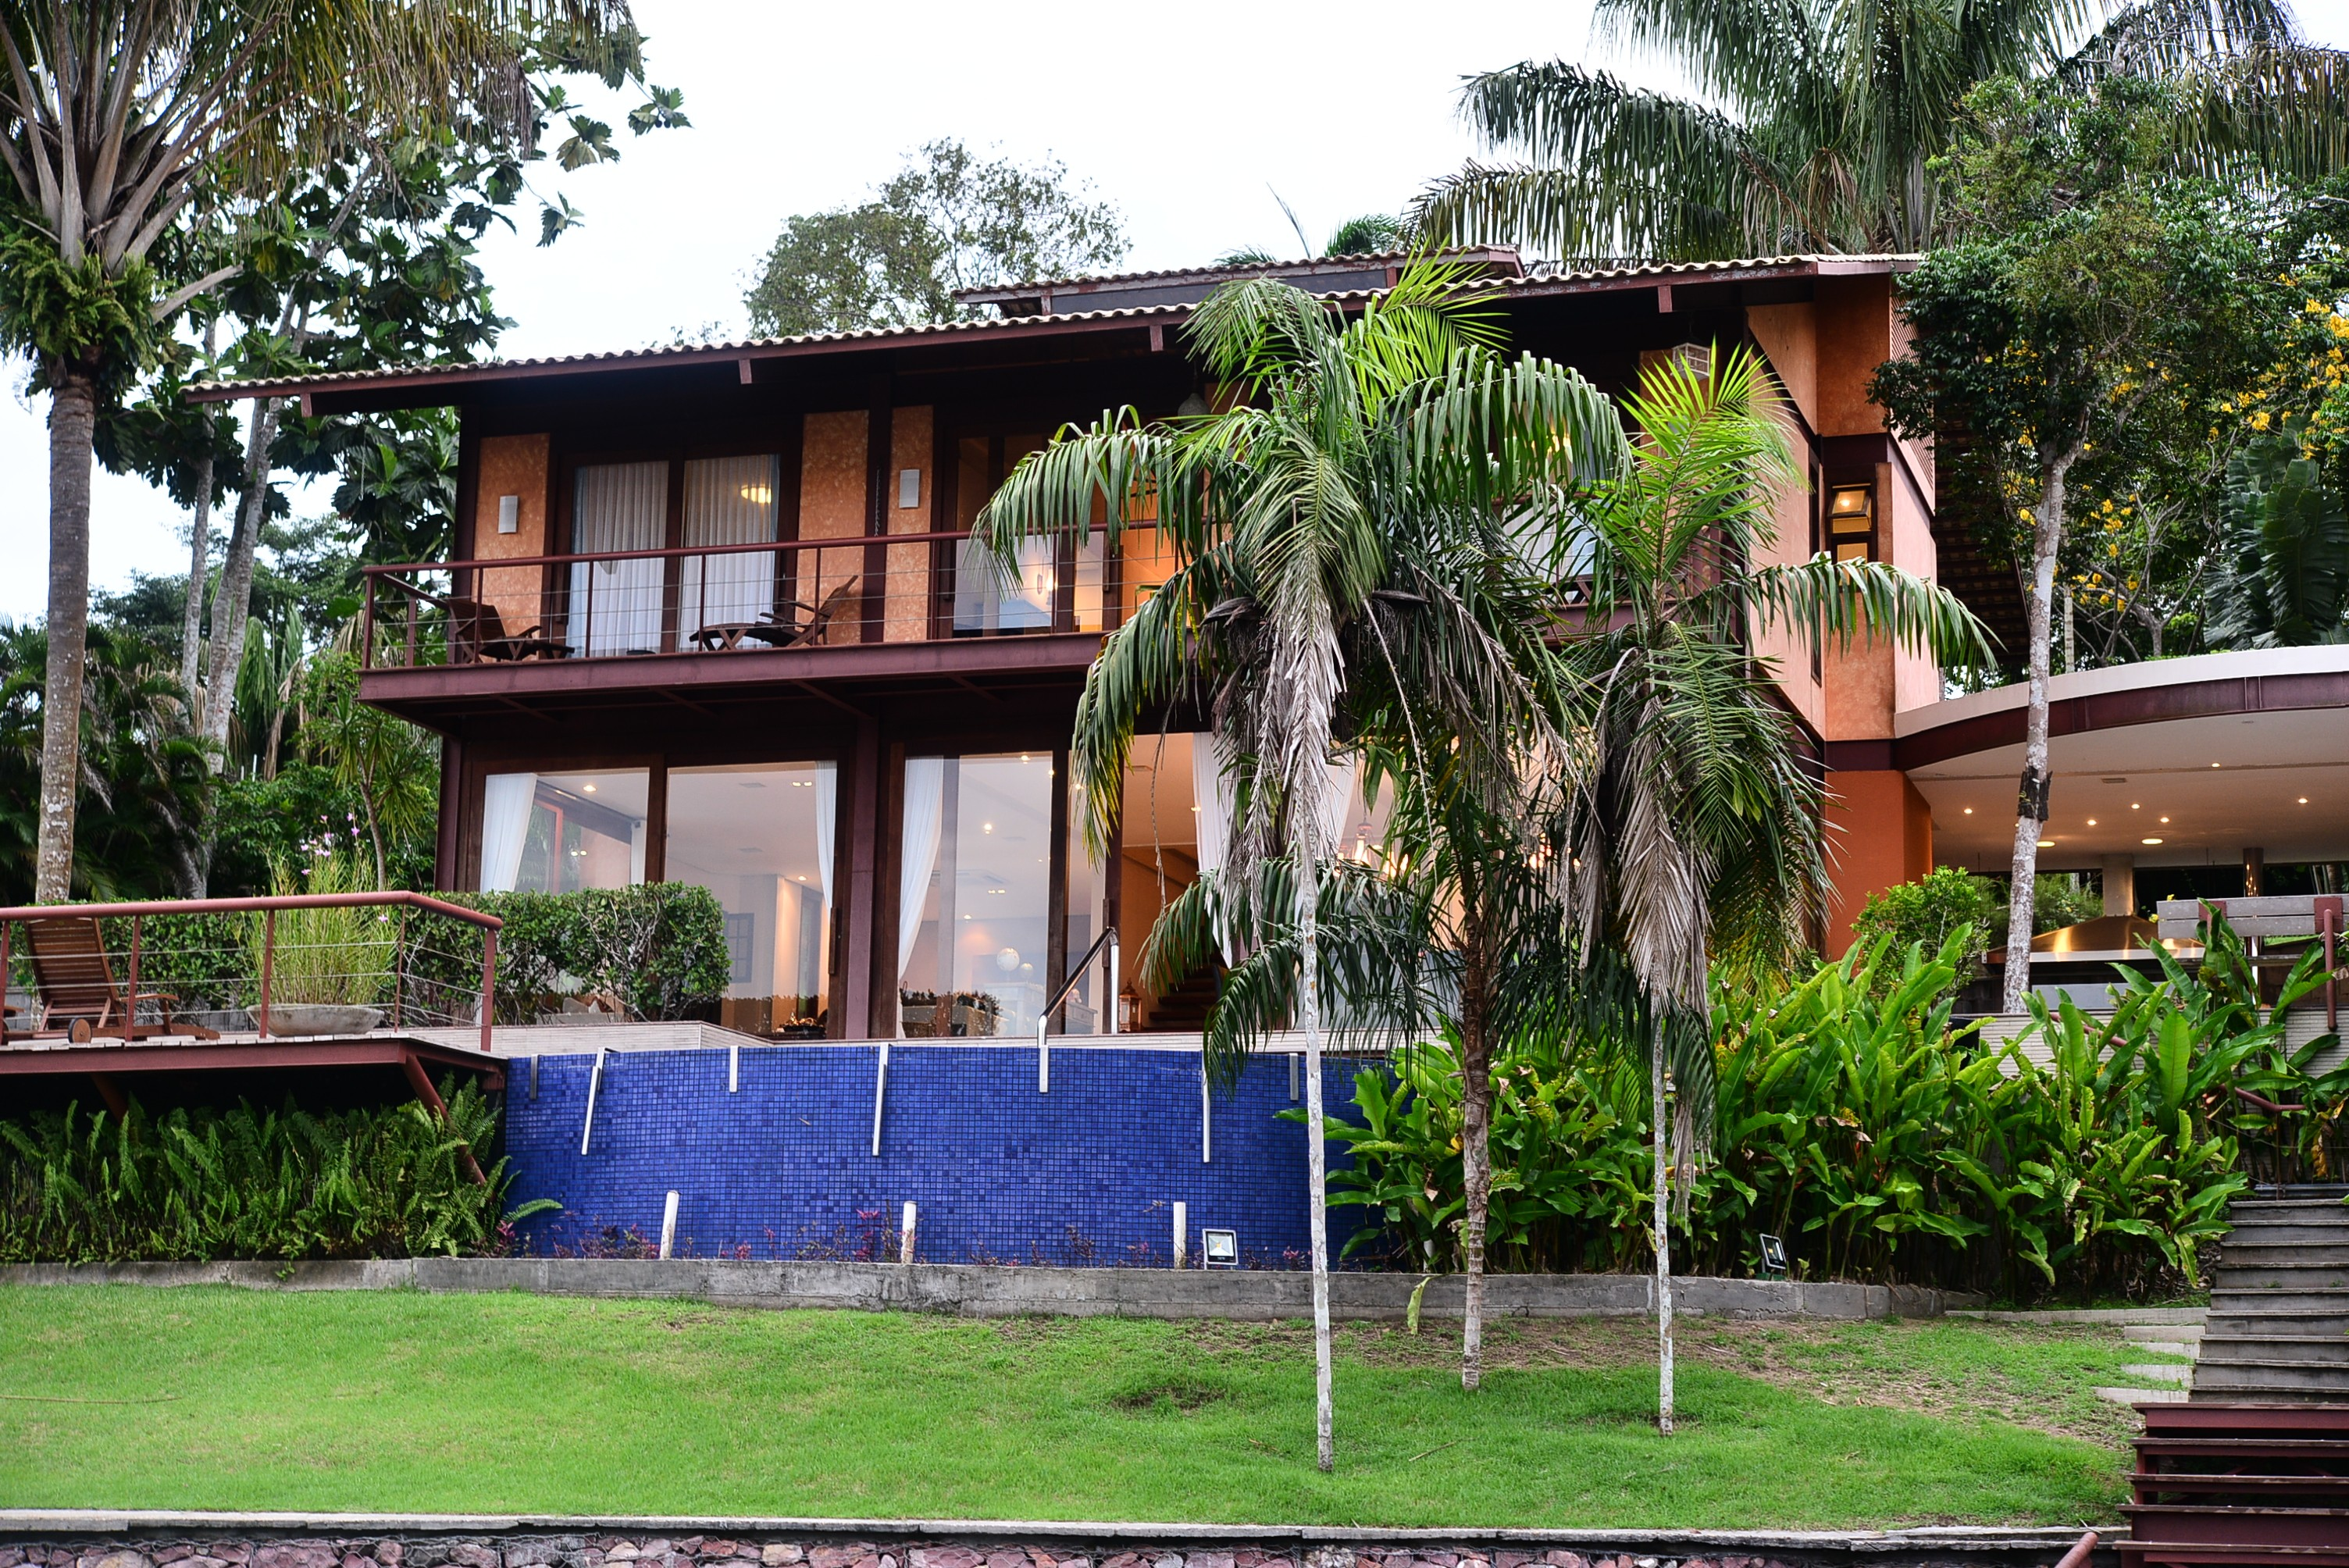 Fachada da casa em Manaus que recebe os clientes selecionados na promoção Casas do Brasil (Foto: Divulgação)